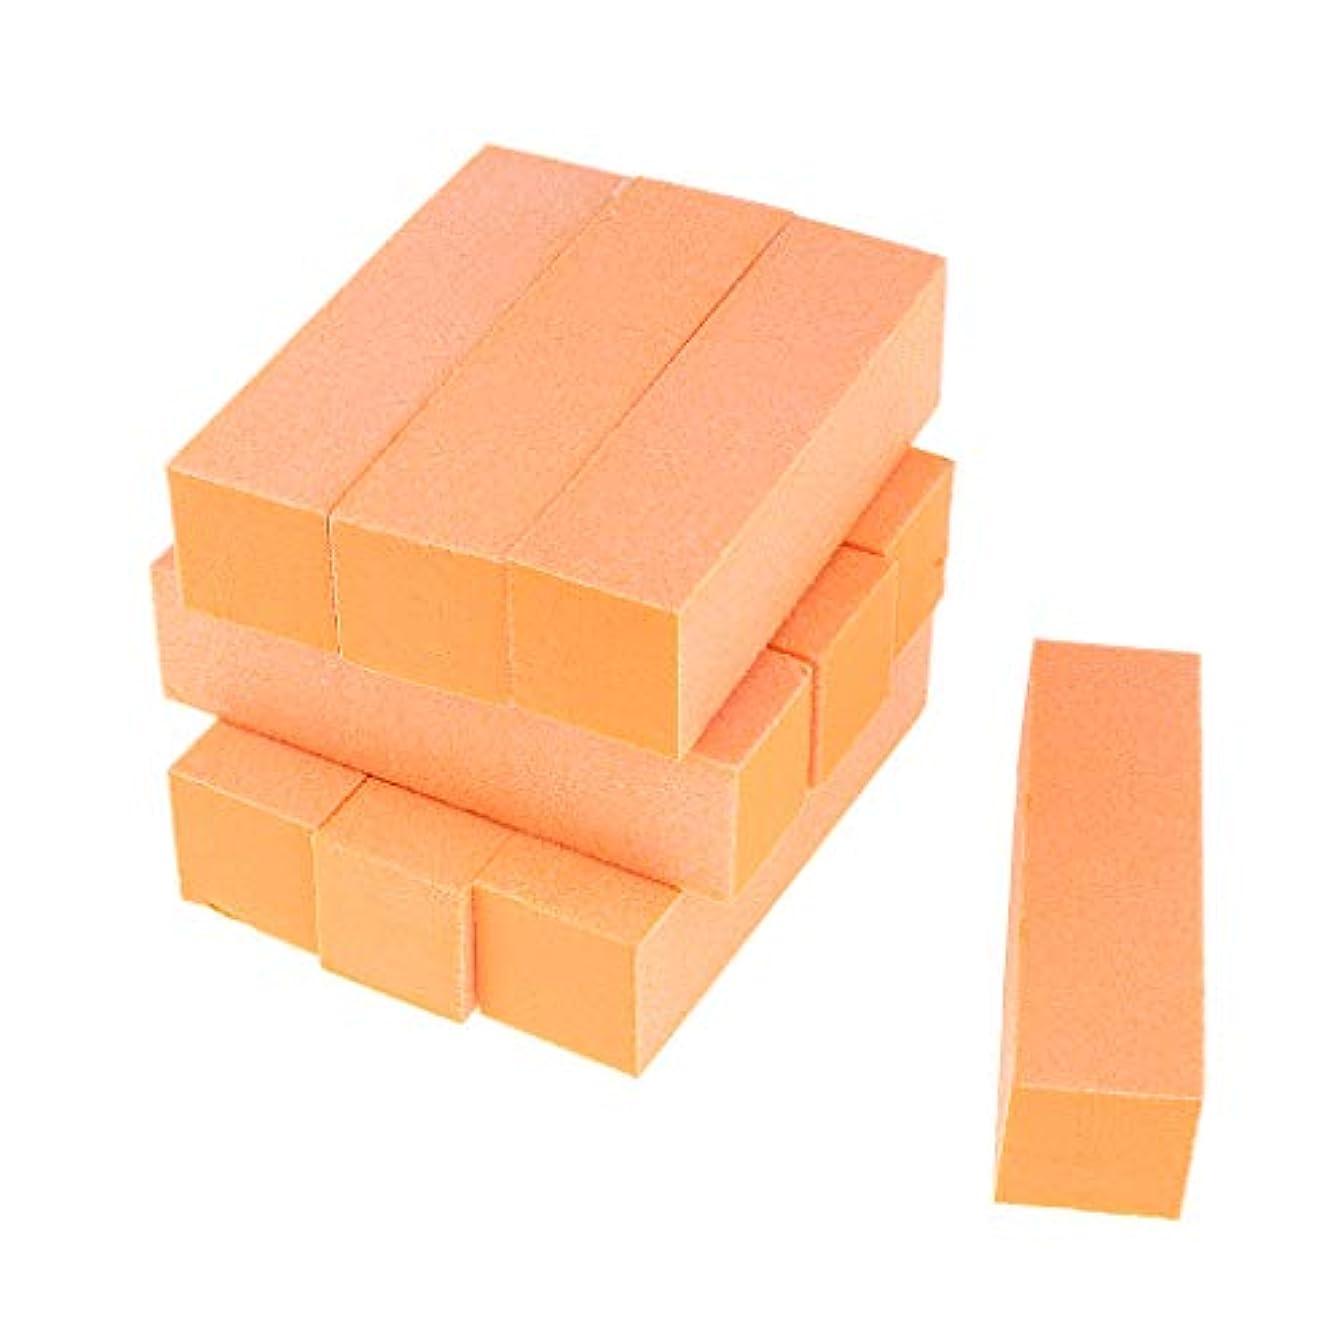 Toygogo 両面ネイルバッファーネイルシャイナースポンジネイルファイルサンディングブロック-ソフト&シルキー、10個-作成された滑らかで美しいネイル - オレンジ